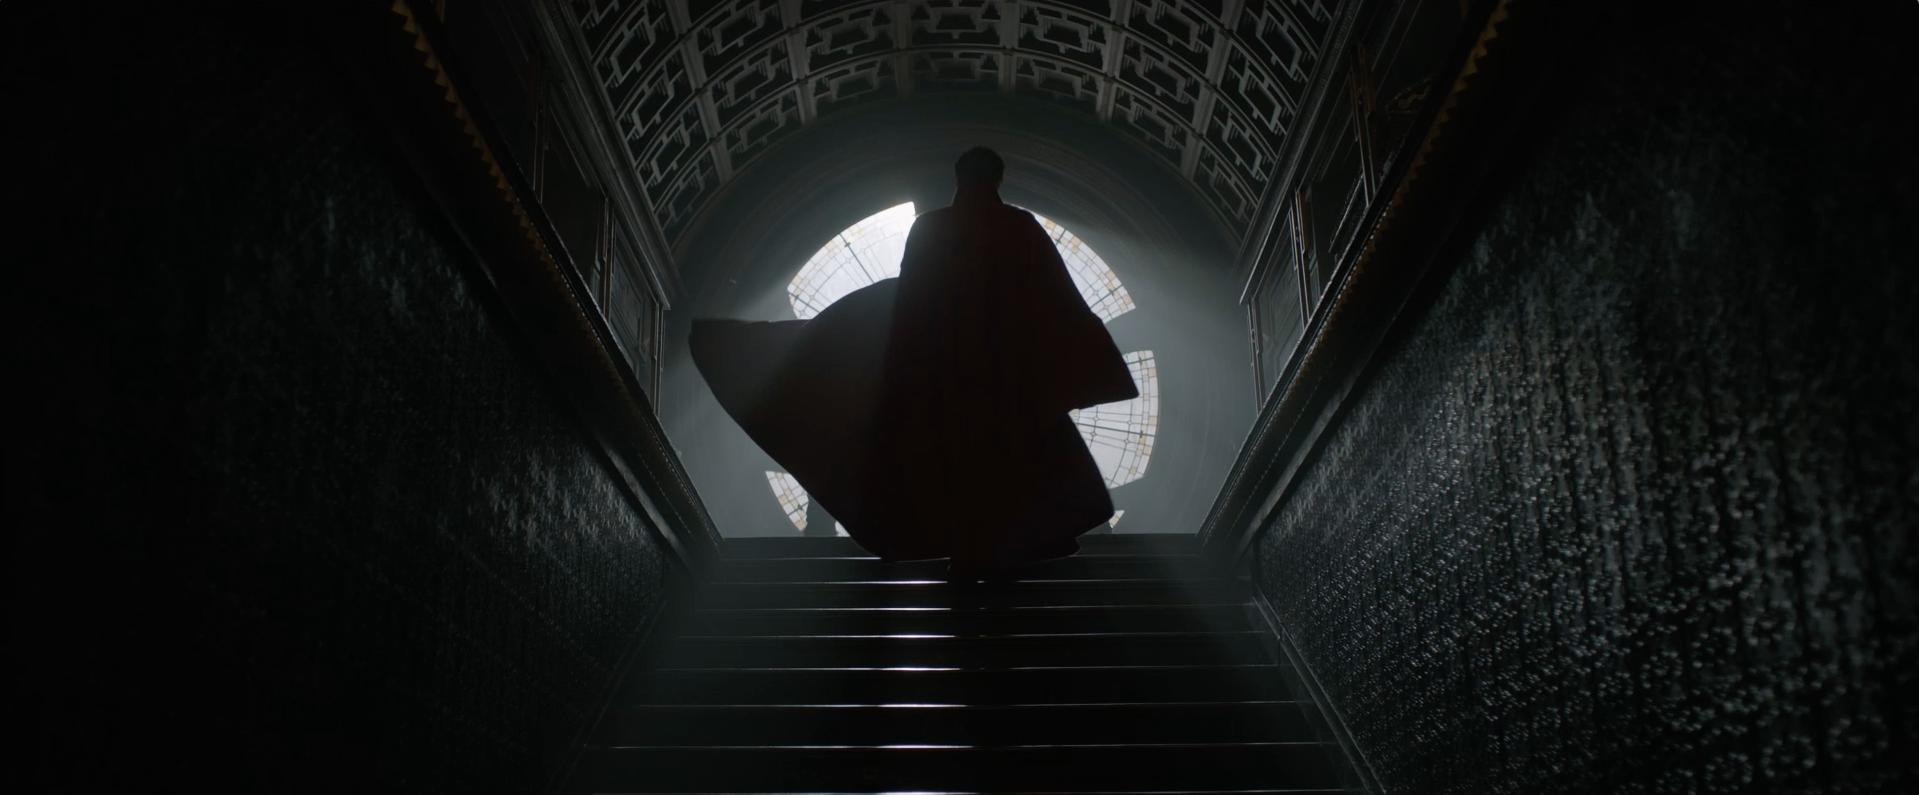 Doutor Estranho - Teaser Trailer